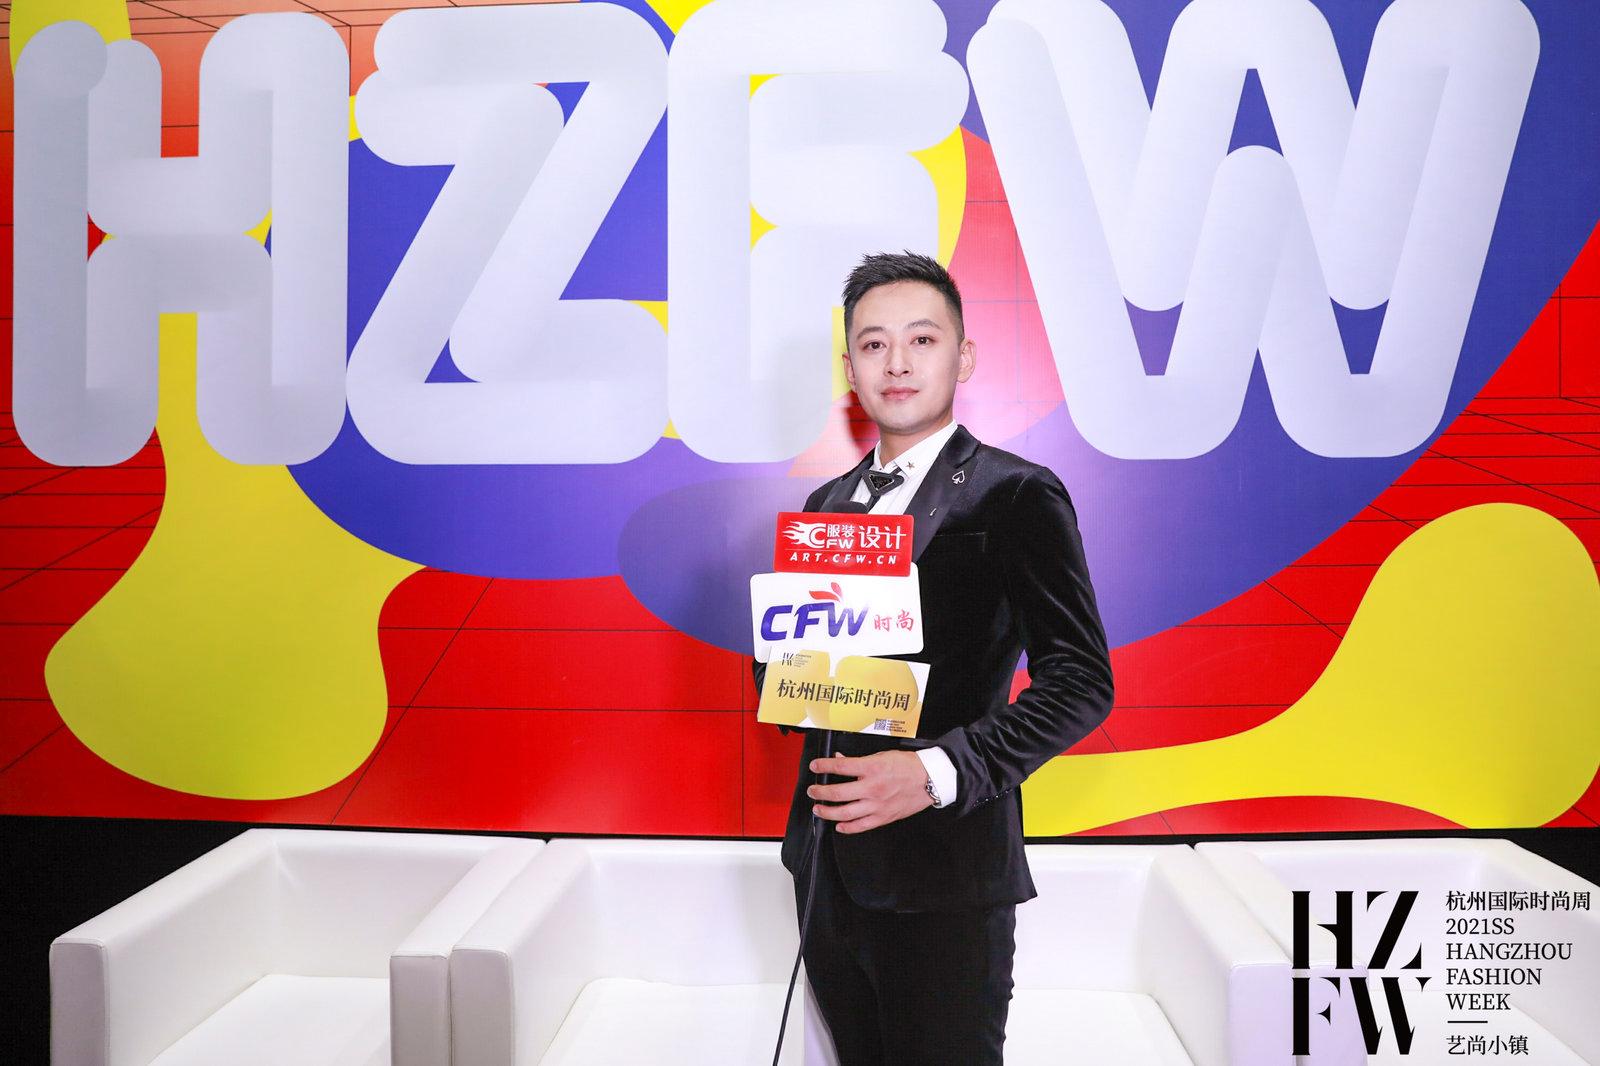 2021ss杭州国际时尚周丨CFW时尚专访LANG COUTURE设计师齐斌